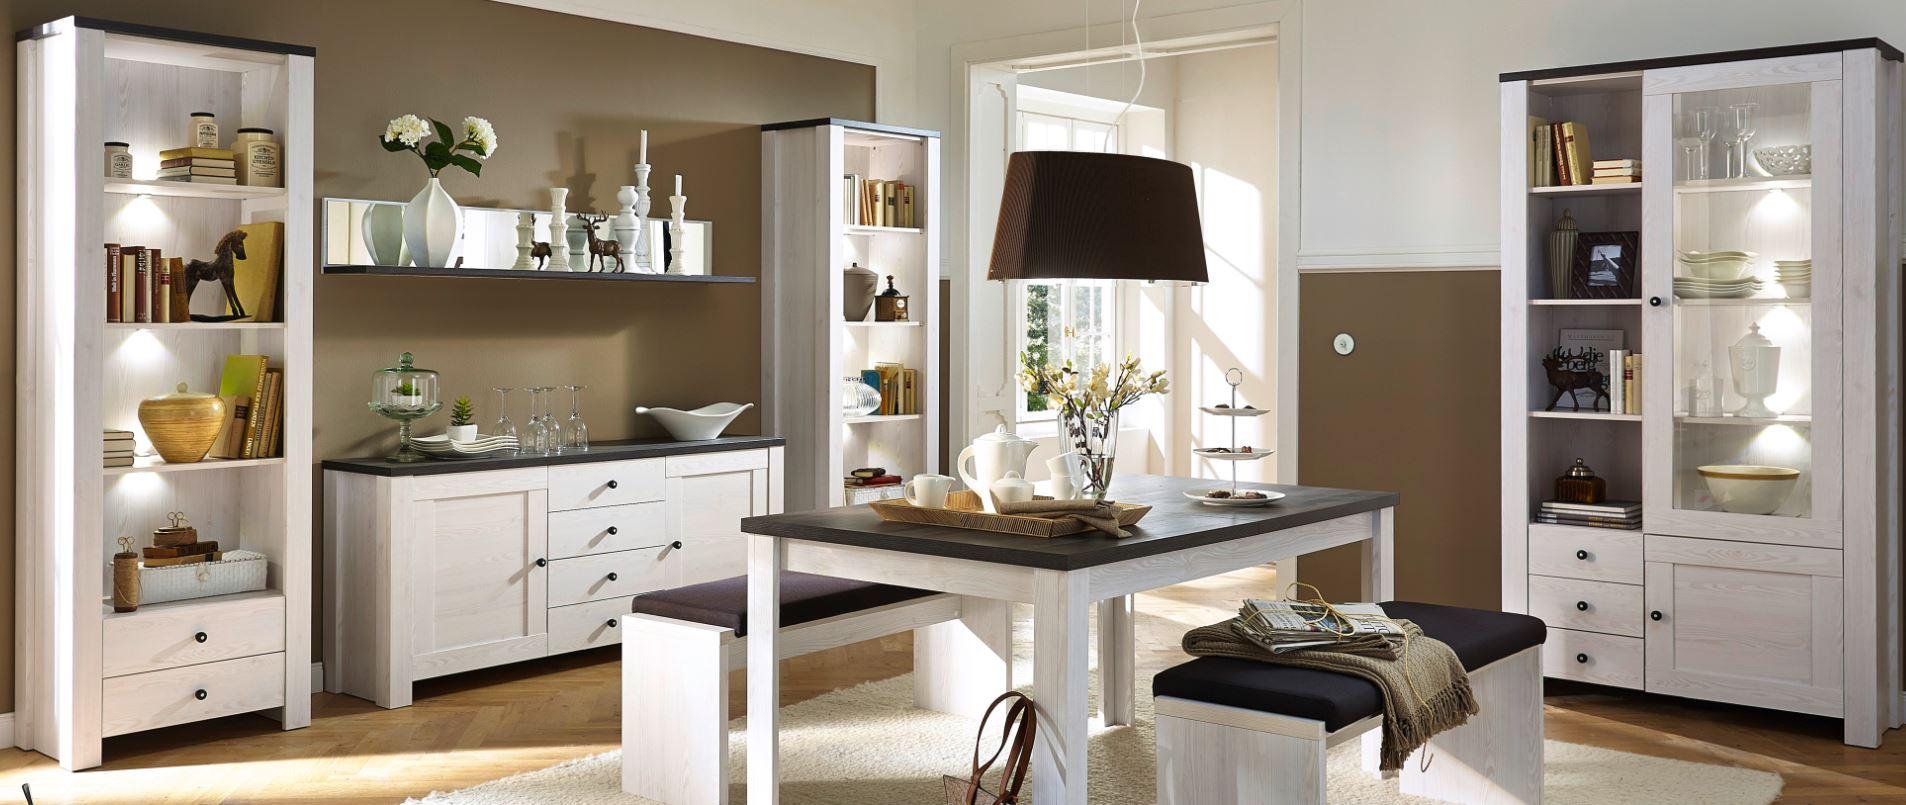 3 tlg trondheim esstisch mit 2x b nke sitzbank ausziehbar k chentisch ausziehtisch sch ner. Black Bedroom Furniture Sets. Home Design Ideas